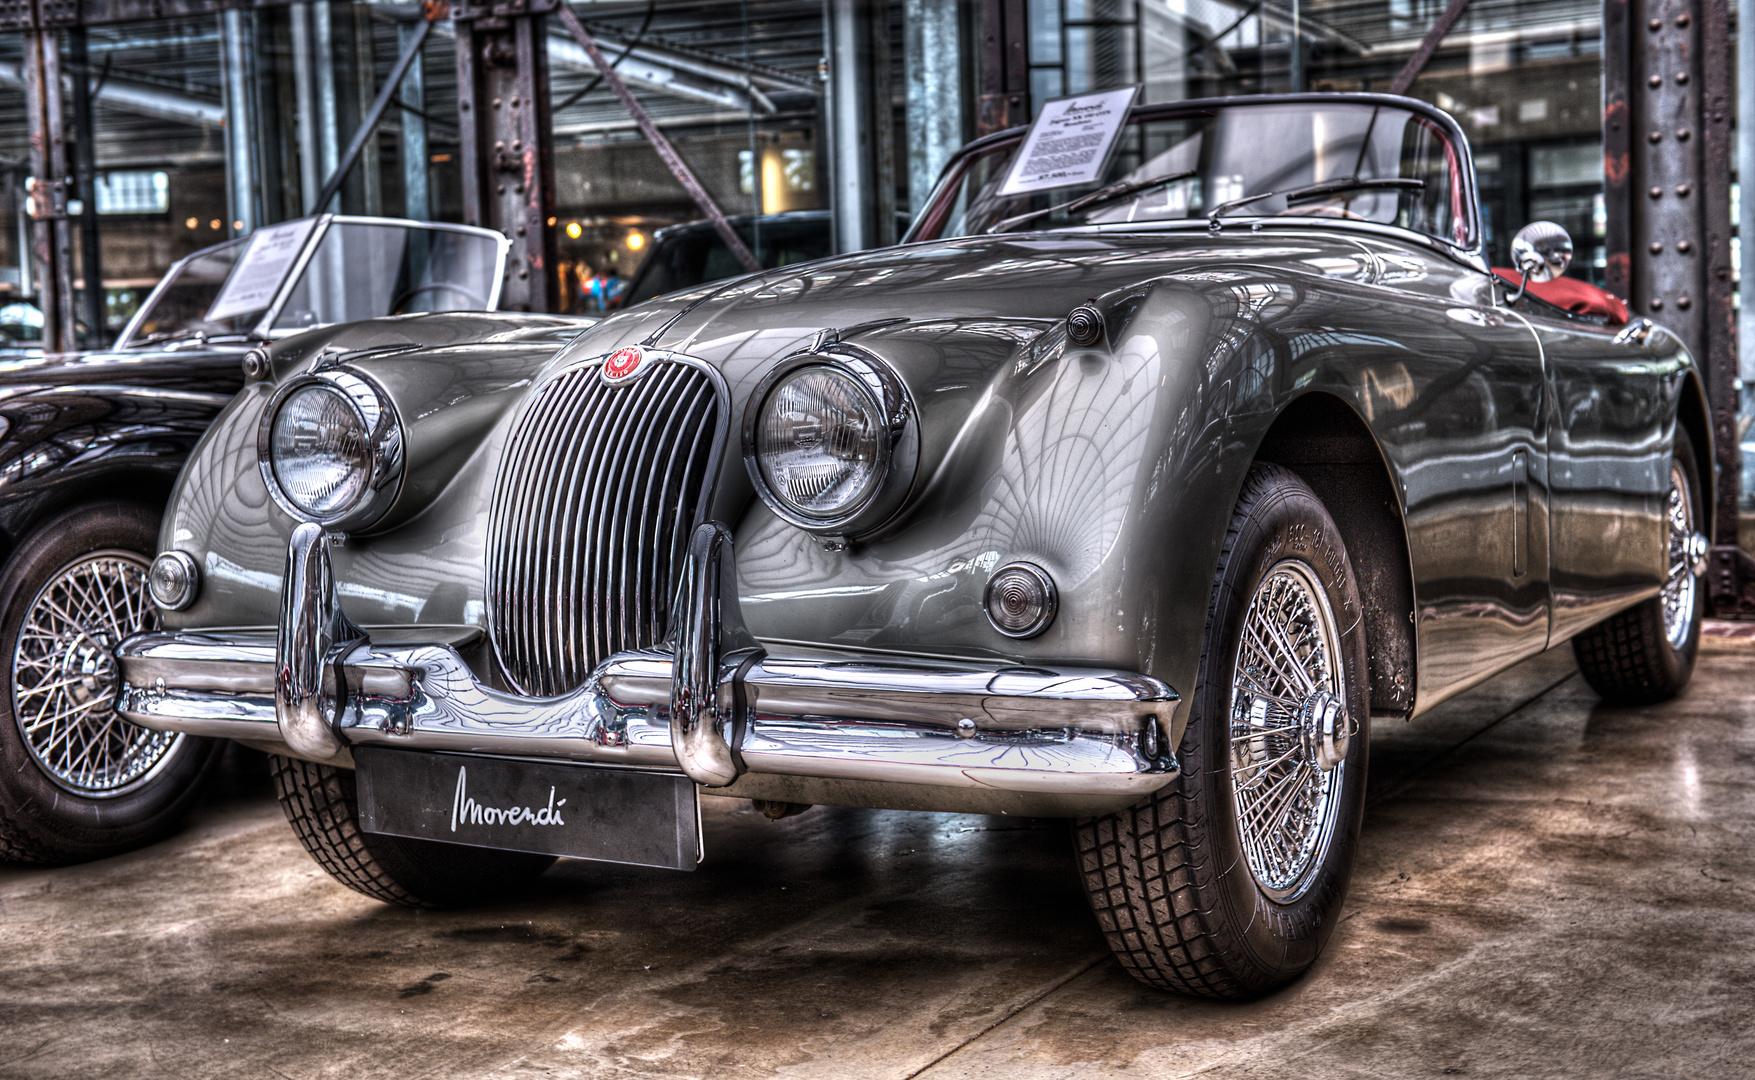 jaguar xk 150 foto bild autos zweir der oldtimer. Black Bedroom Furniture Sets. Home Design Ideas